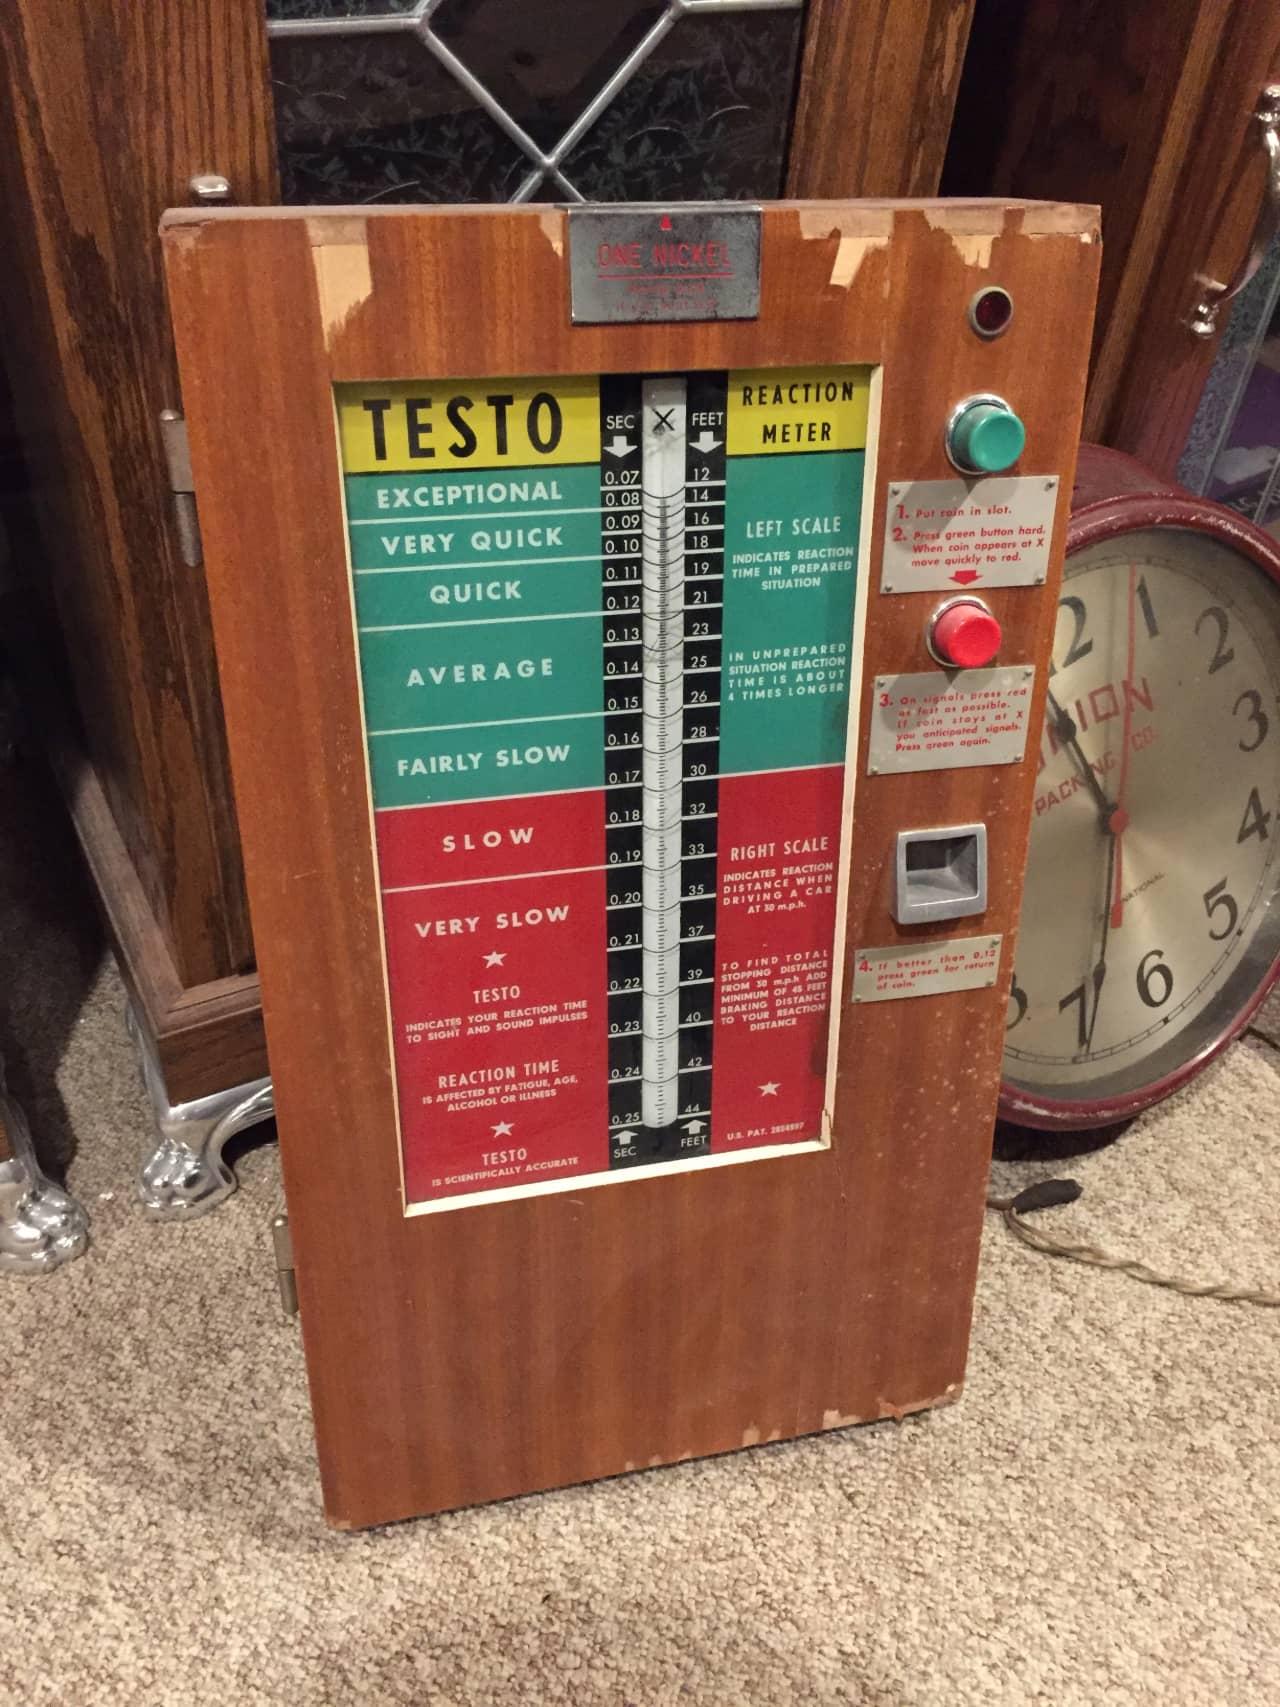 Testo Reaction Meter